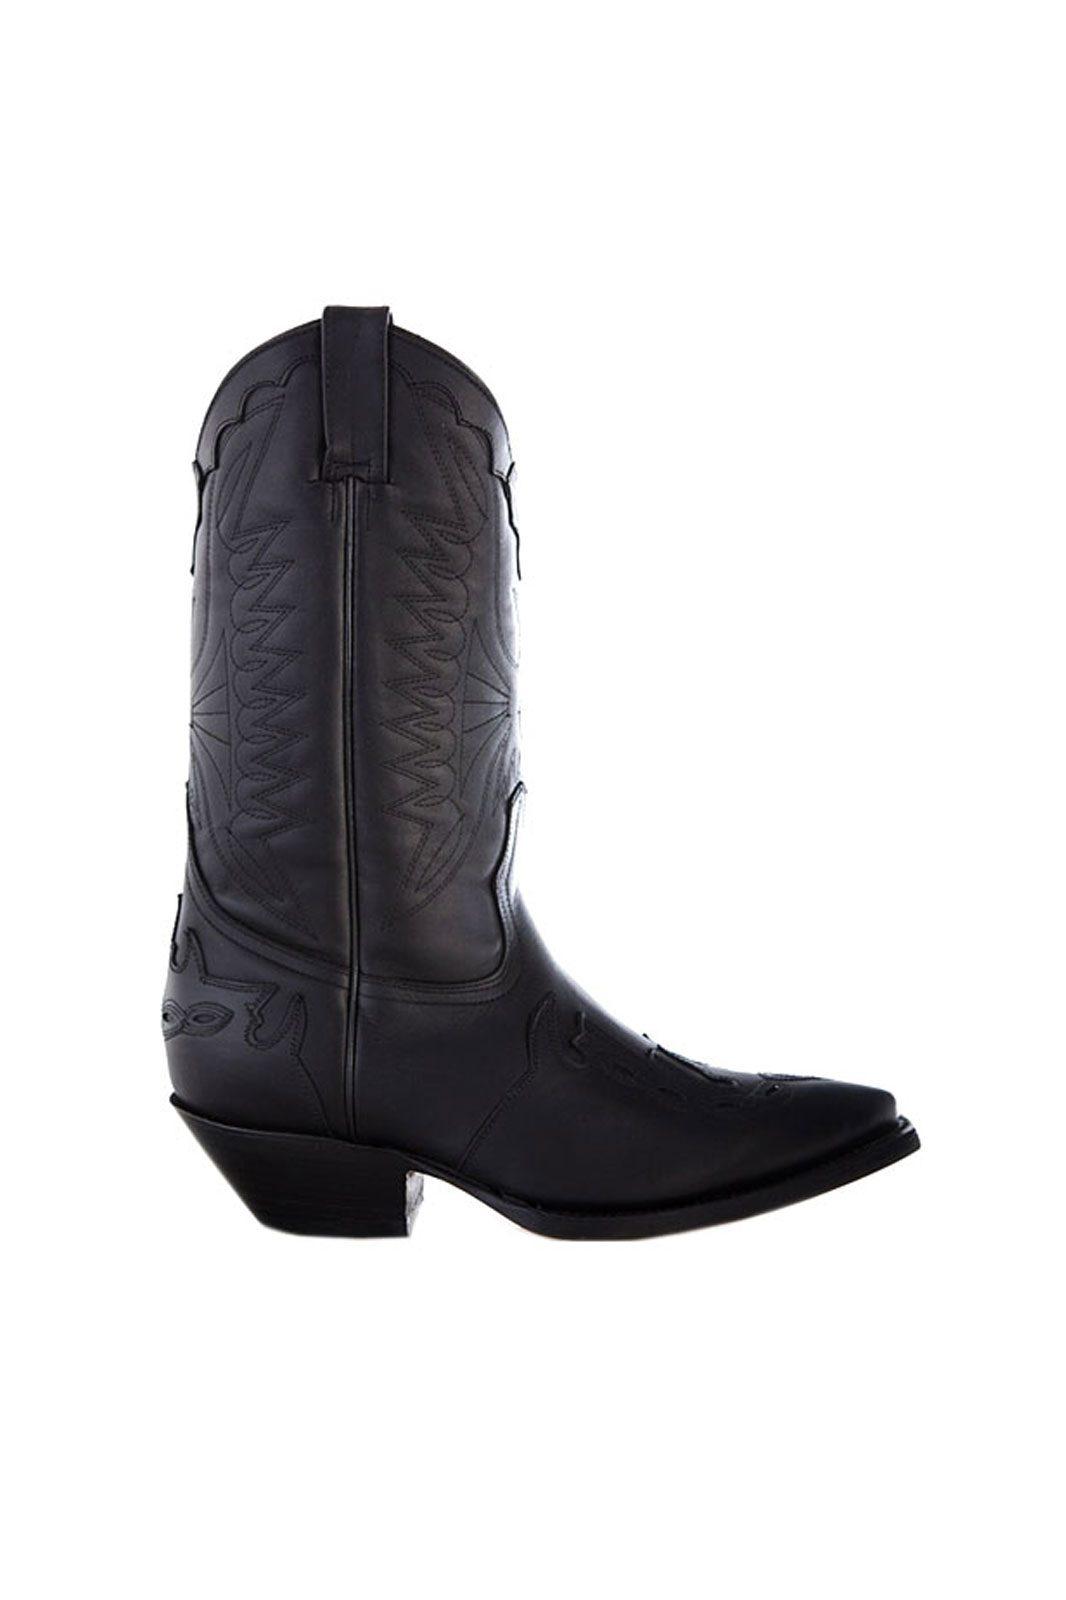 grinders boots arizona